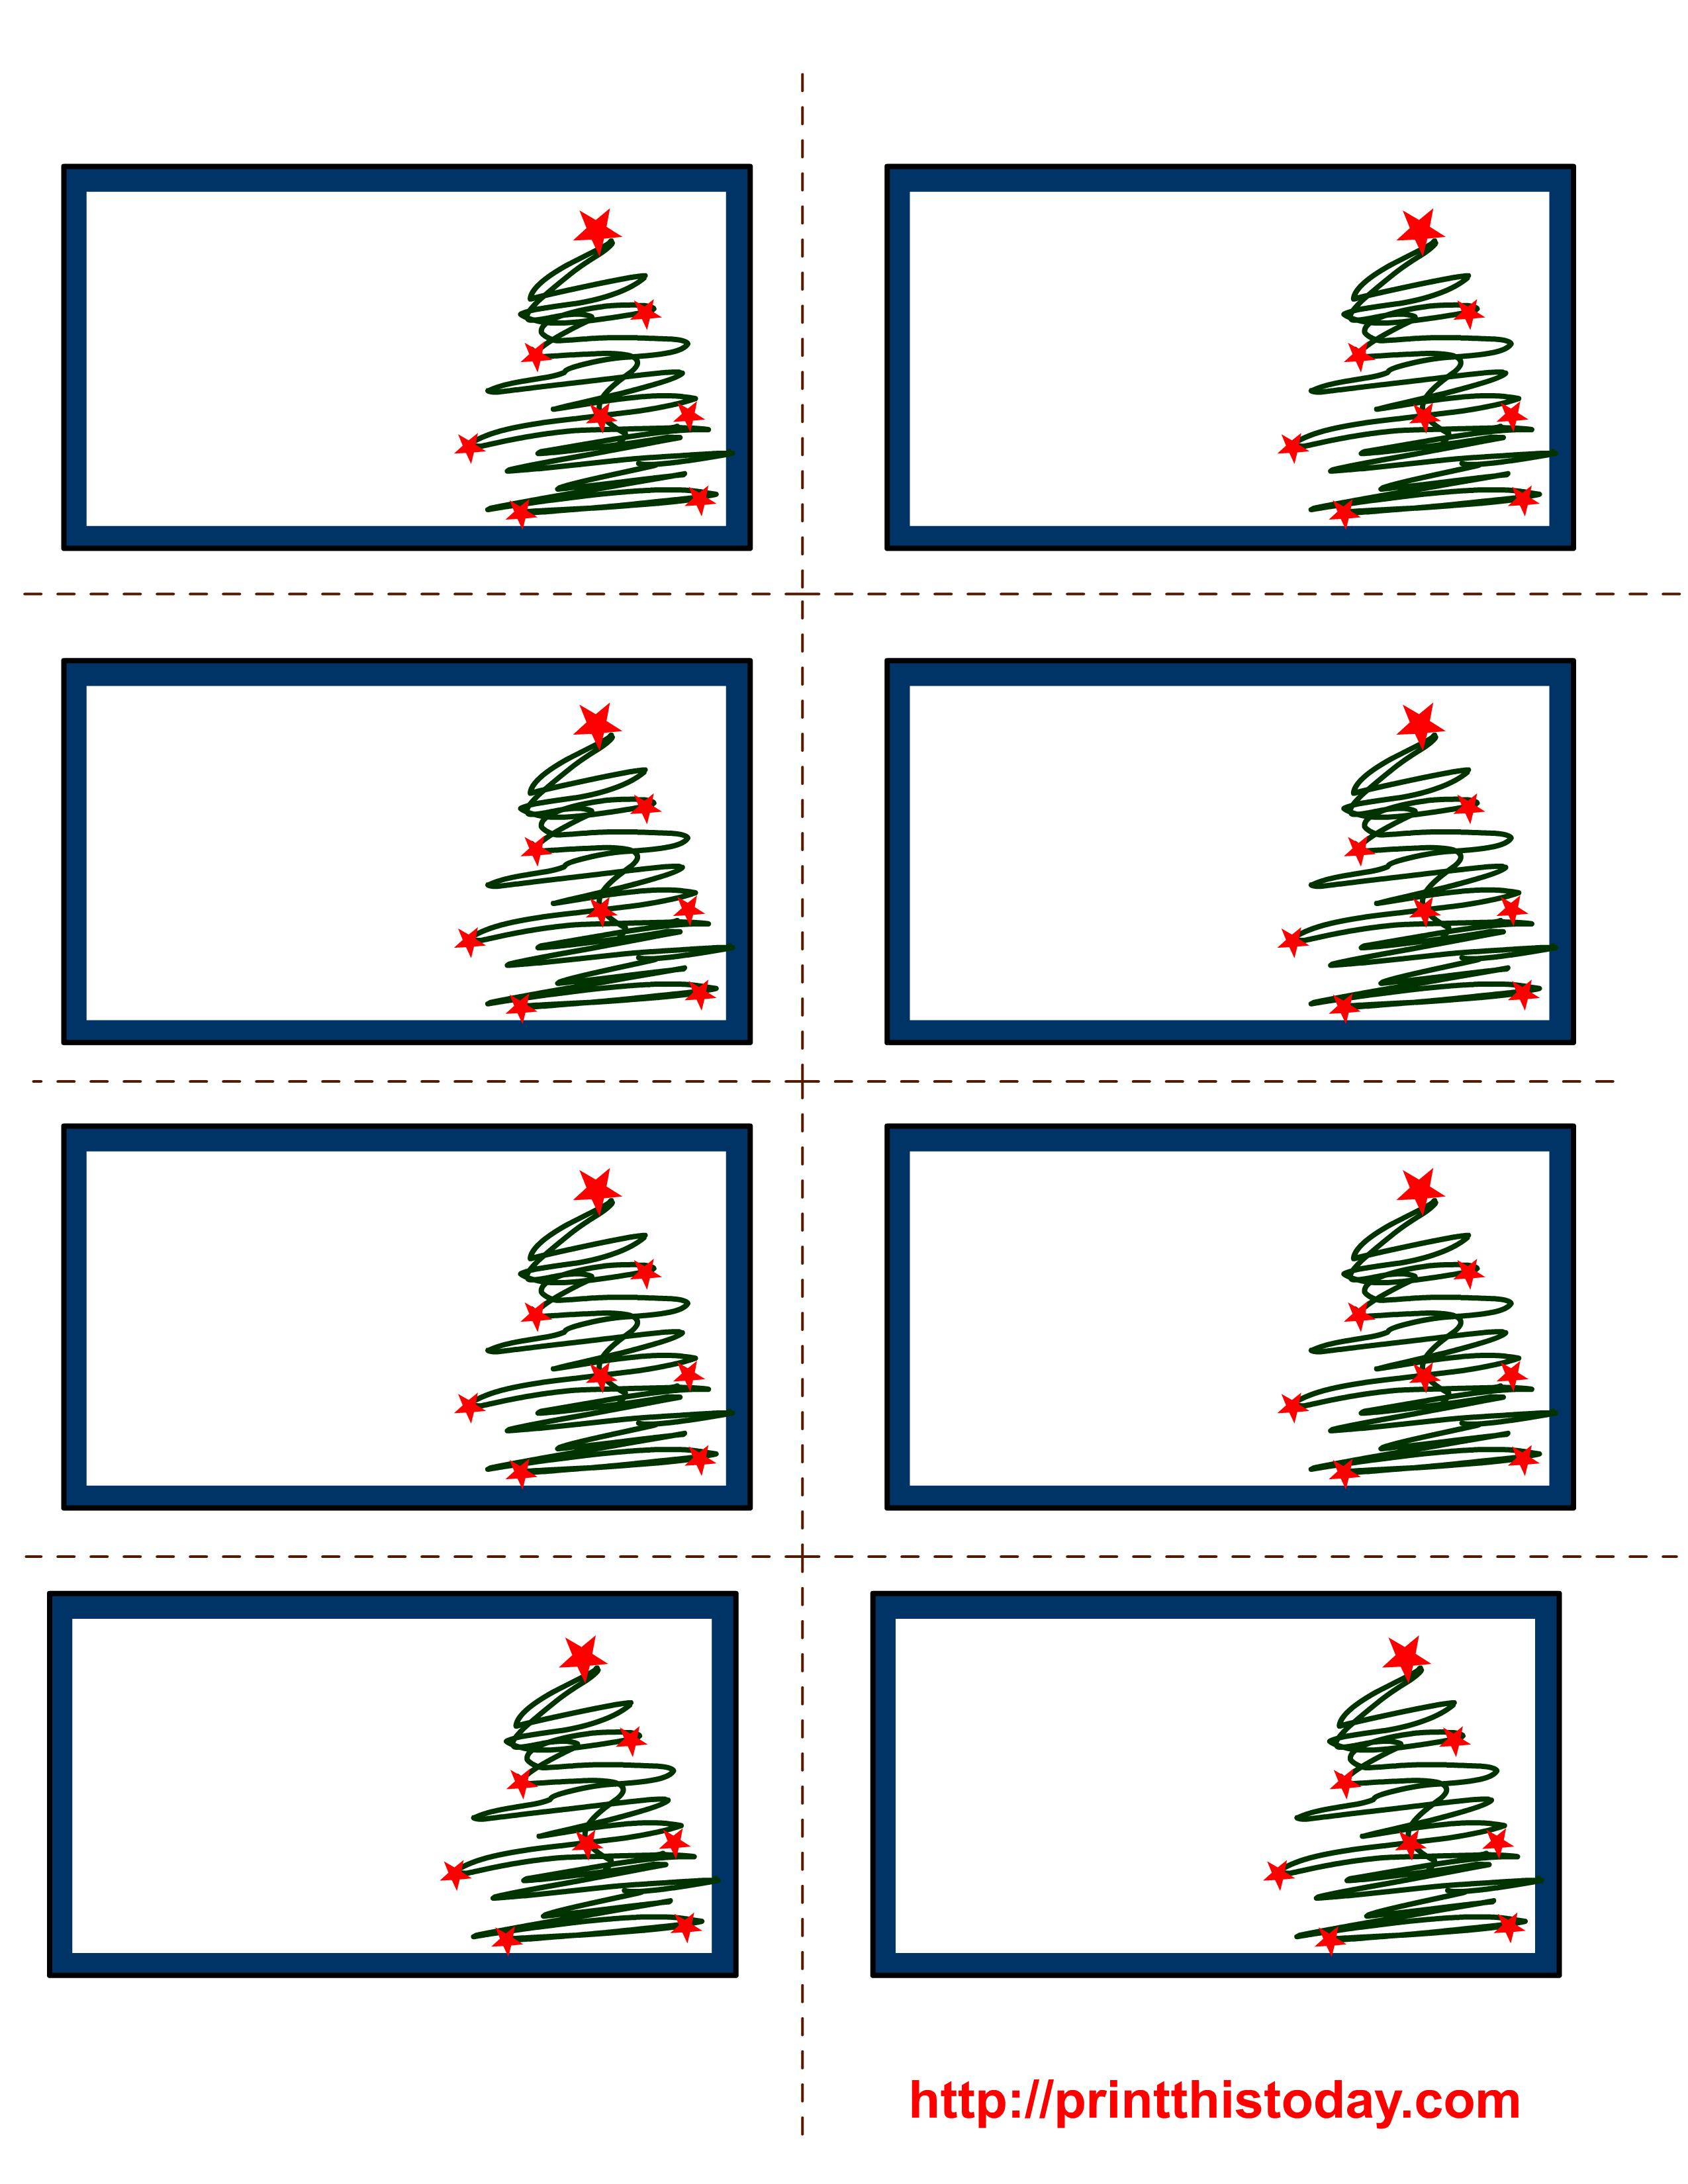 Free Labels Printable | Free Printable Christmas Labels With Trees - Free Printable Holiday Labels